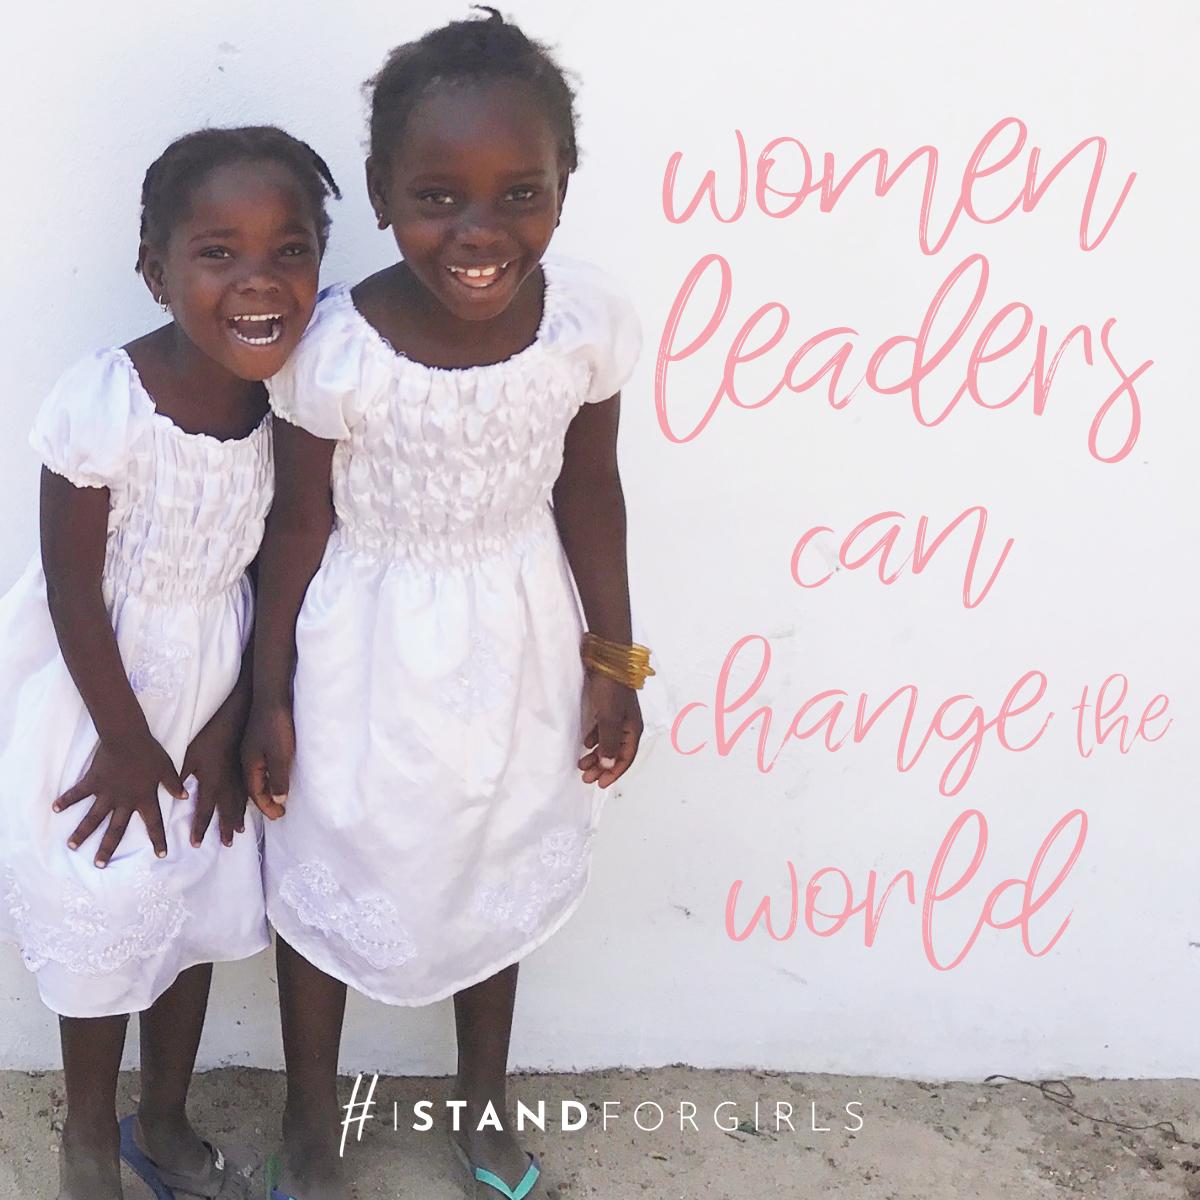 kurandza-i-stand-for-girls-graphic-5.jpg